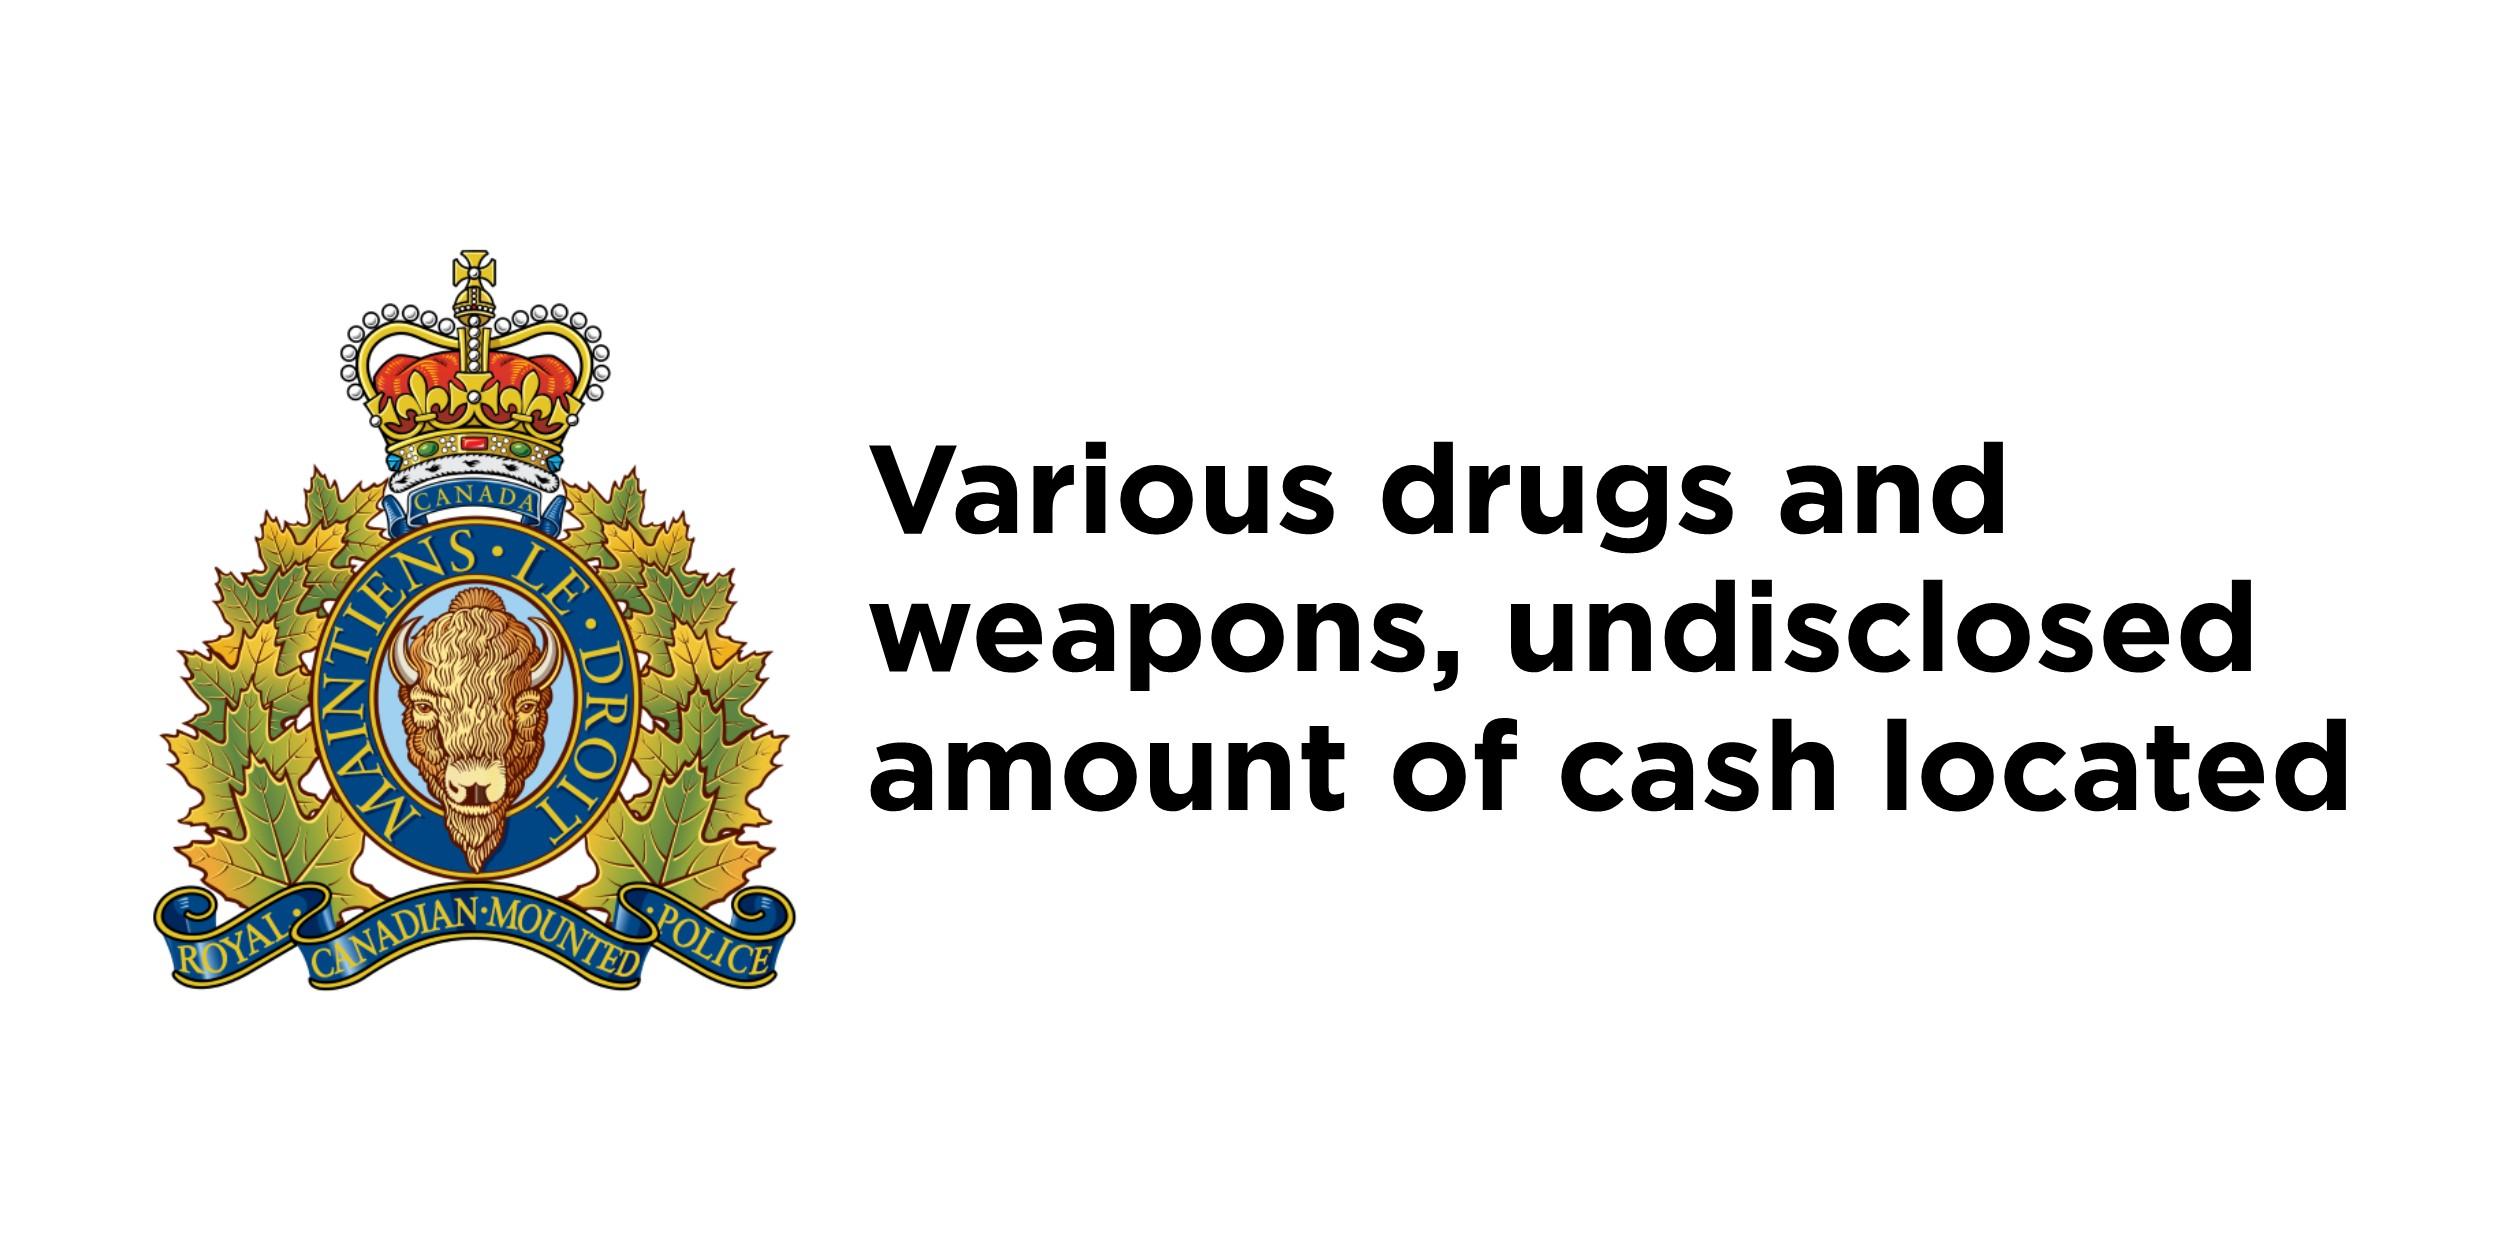 RCMP arrest 2